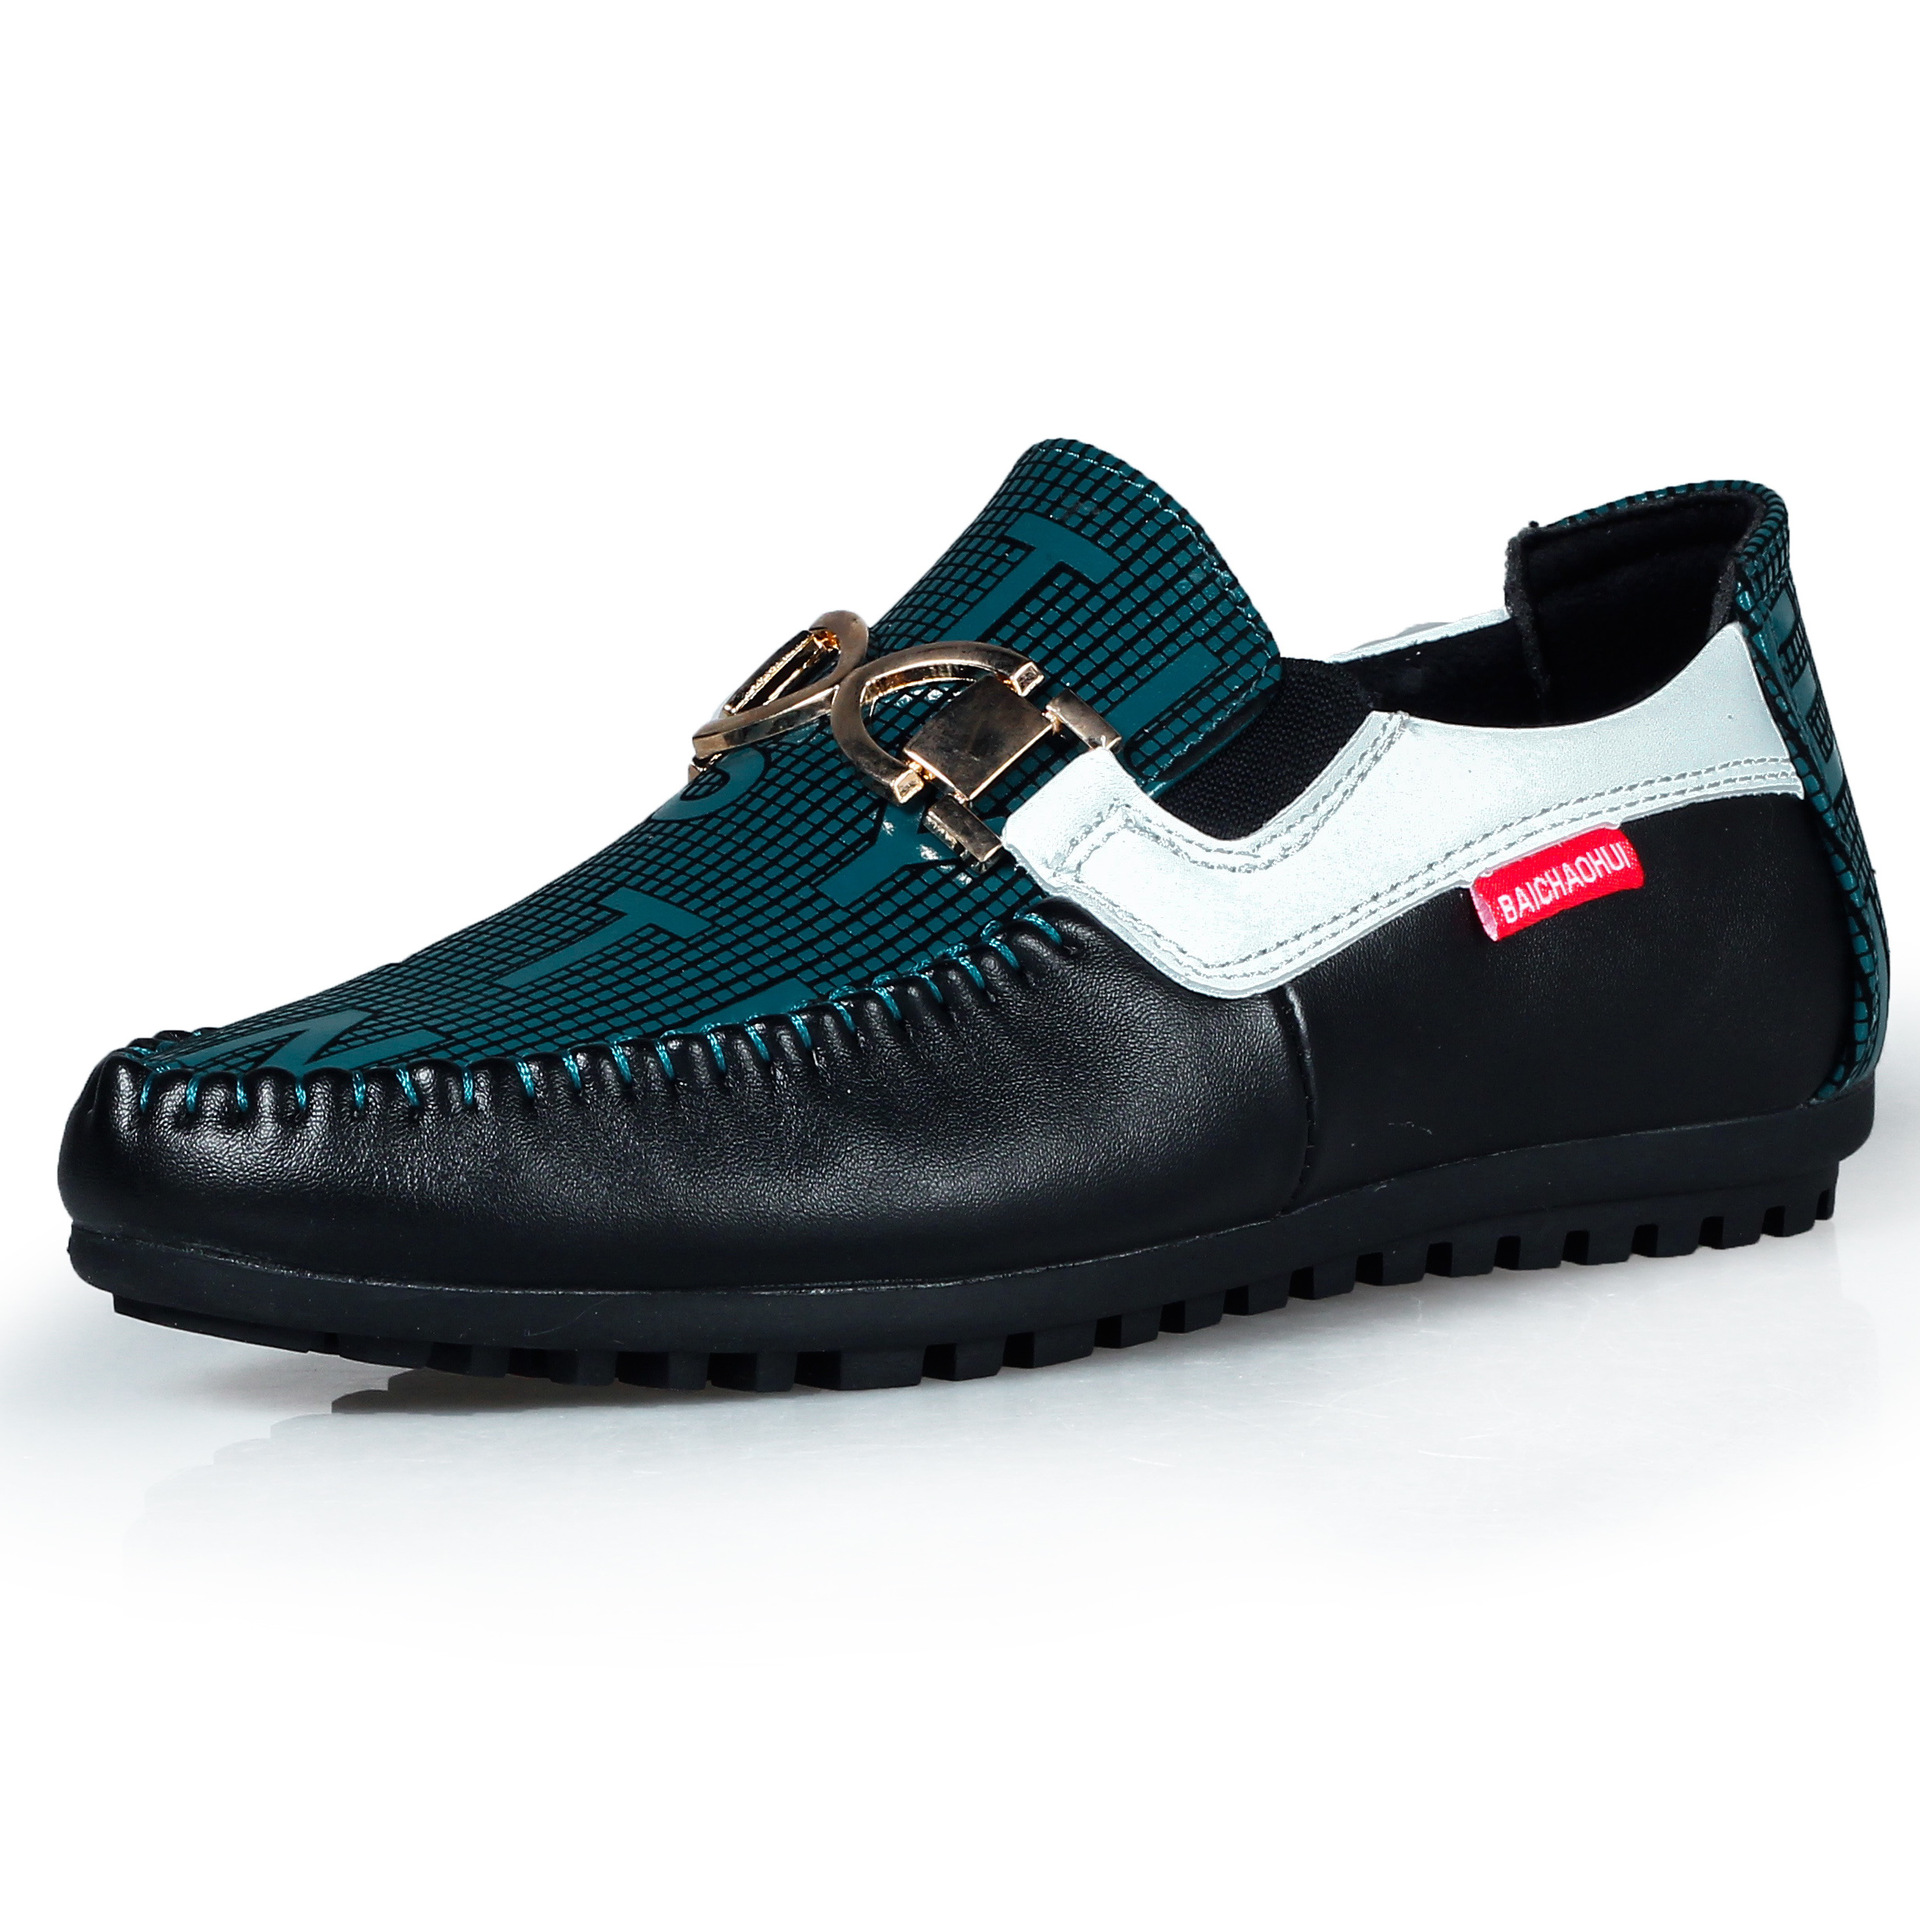 潮流男鞋品牌排行榜 潮流男鞋品牌有哪些 潮流男鞋品牌排行